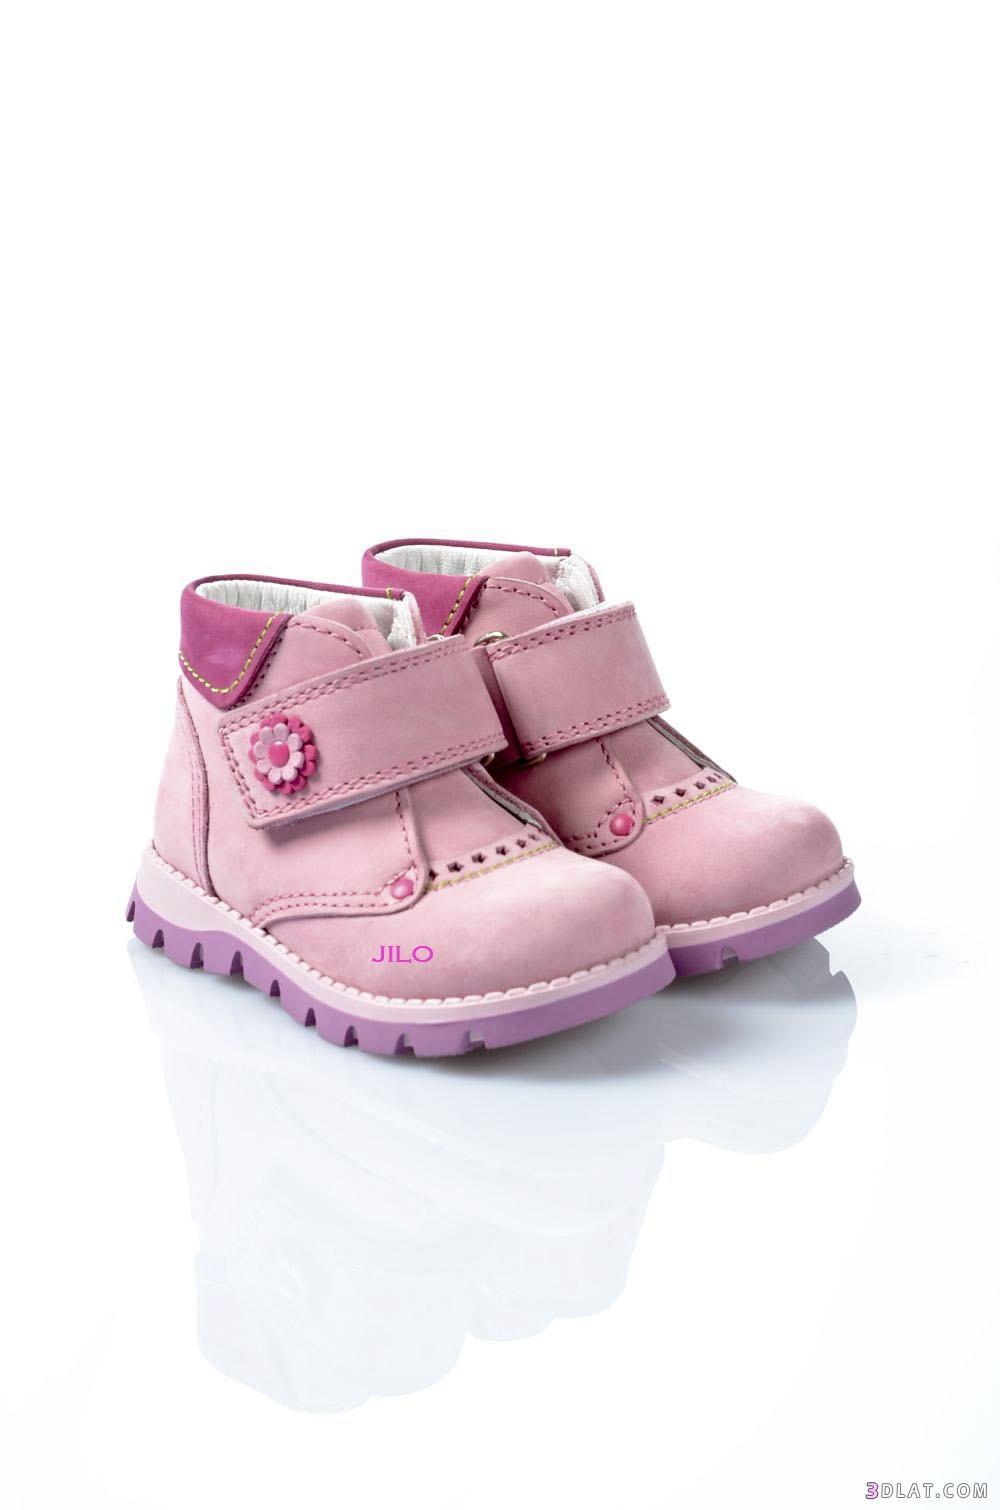 صورة احذية اطفال بنات , اجمل الاحذية للبنات